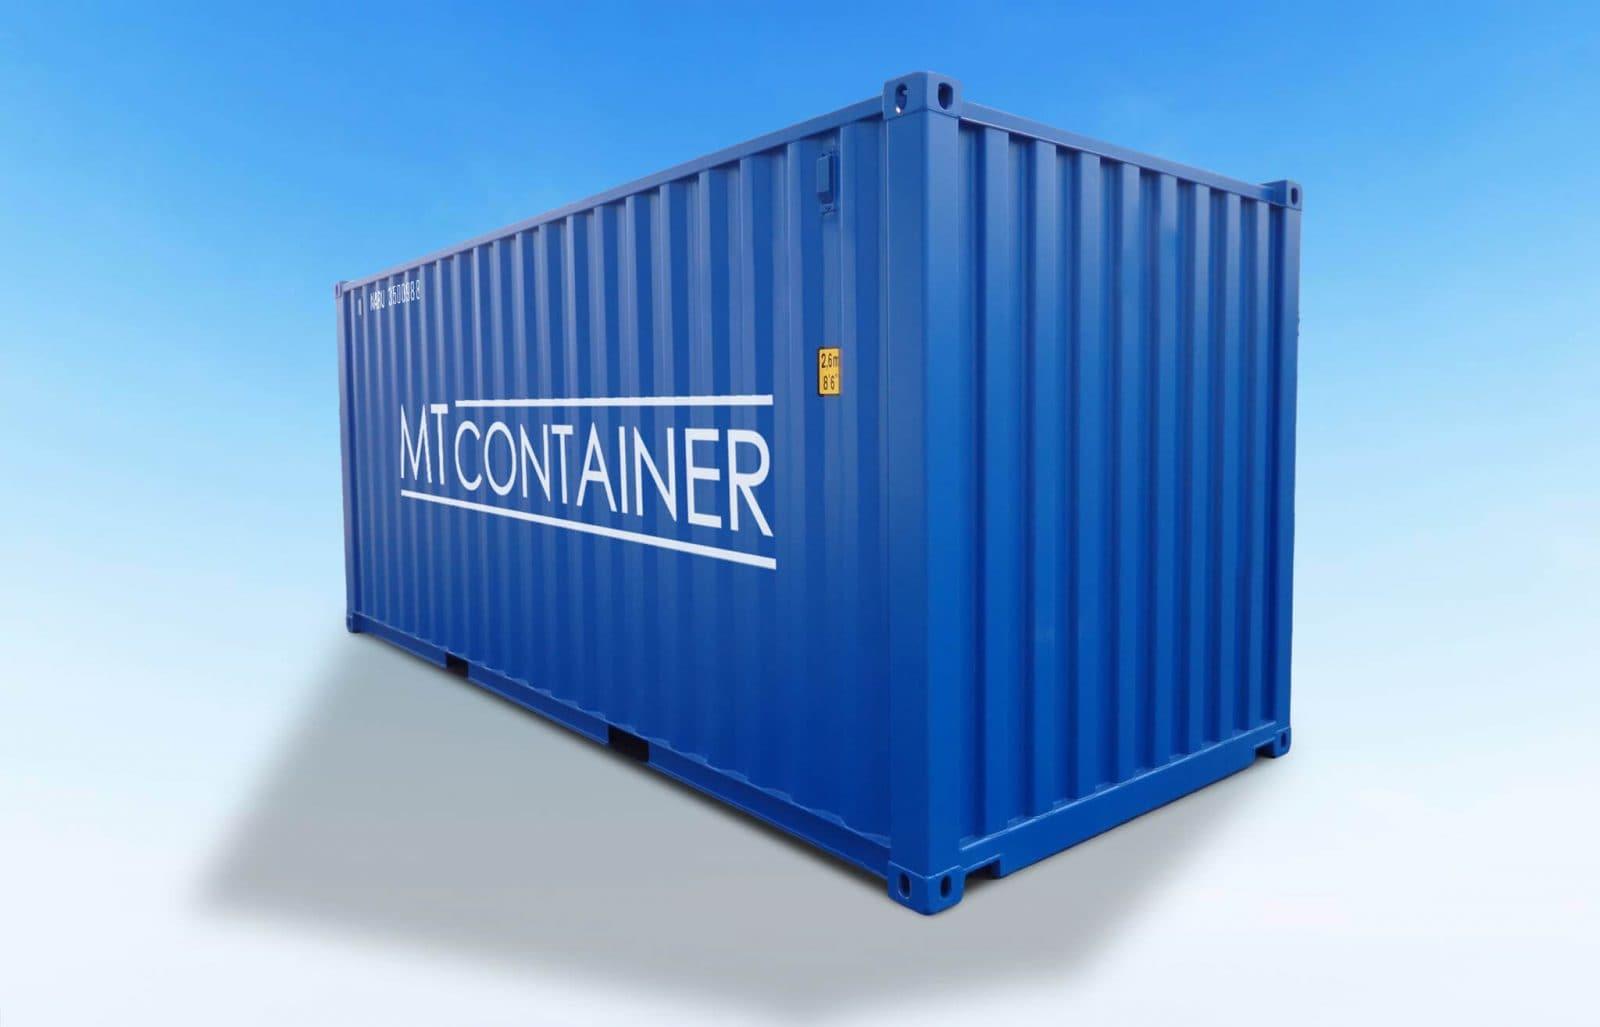 Blauer Seecontainer geschlossen.